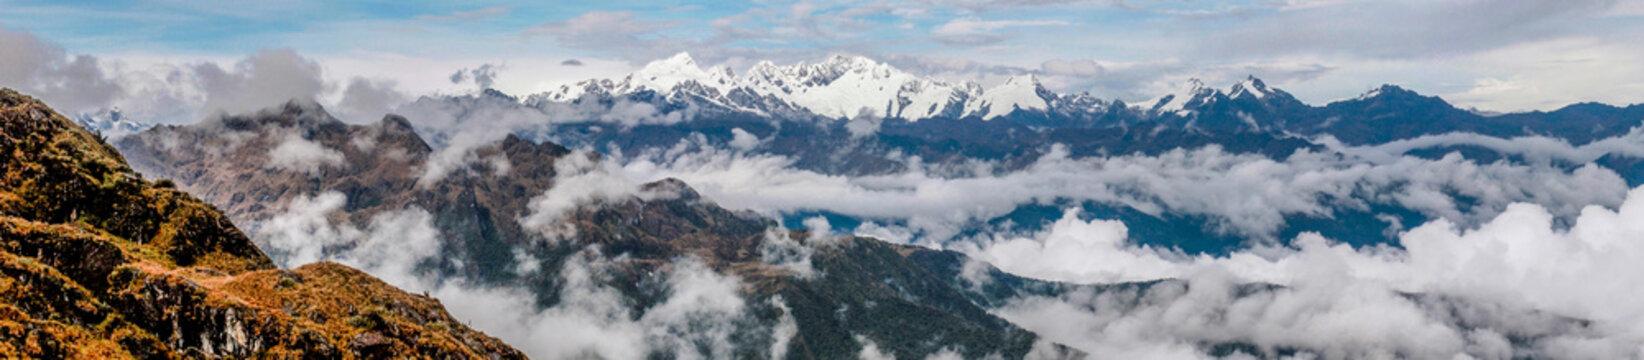 Panorama der atemberaubenden Aussicht auf schneebedeckte Gipfel der Anden in einem Wolkenmeer von einem Pass in über 4000 Meter Höhe während der Wanderung auf dem Inka Trail in Peru